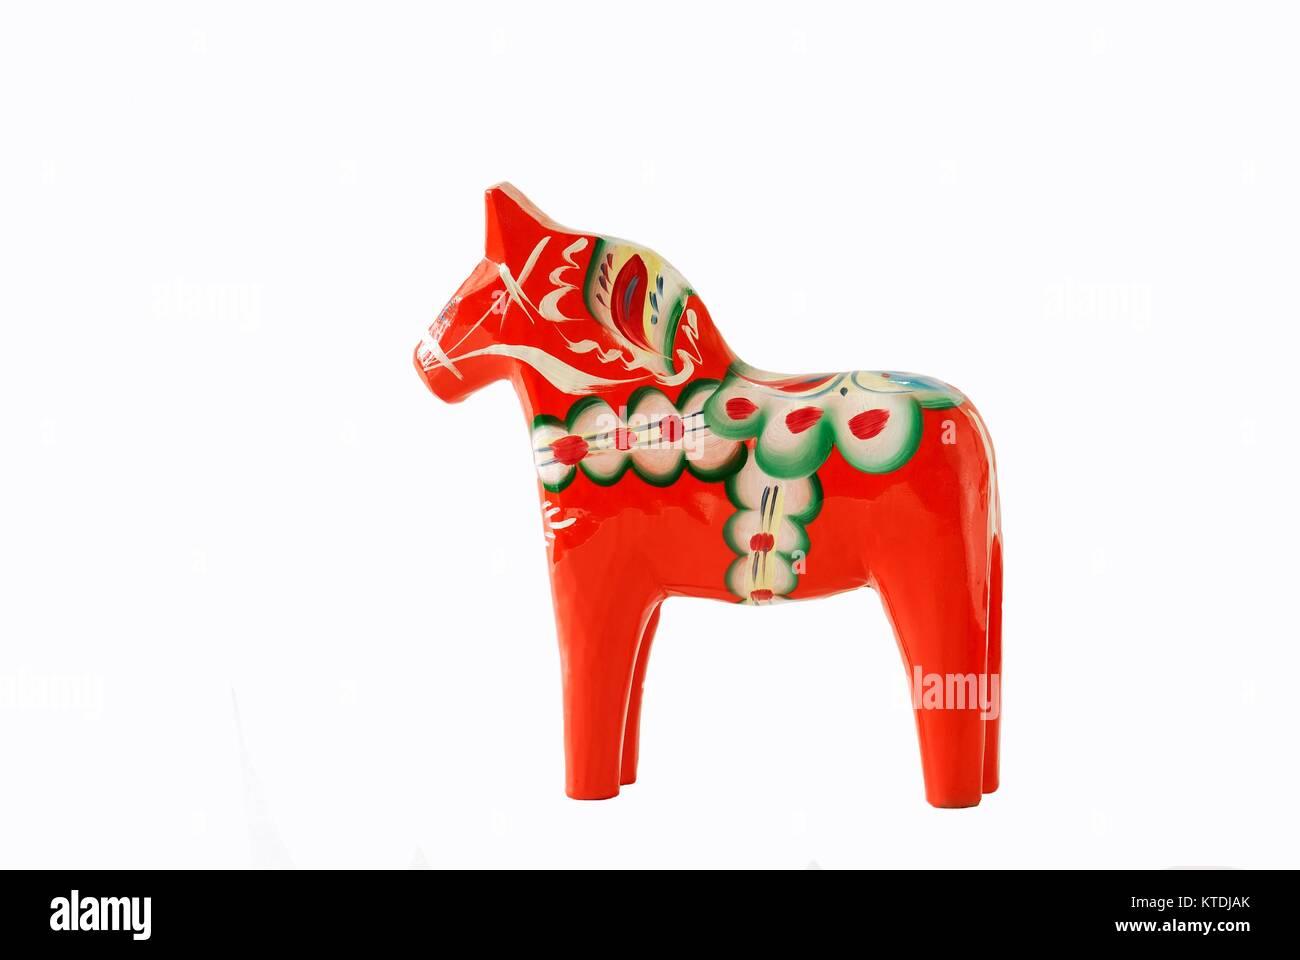 Swedish dalahorse figurine on a white background - Stock Image